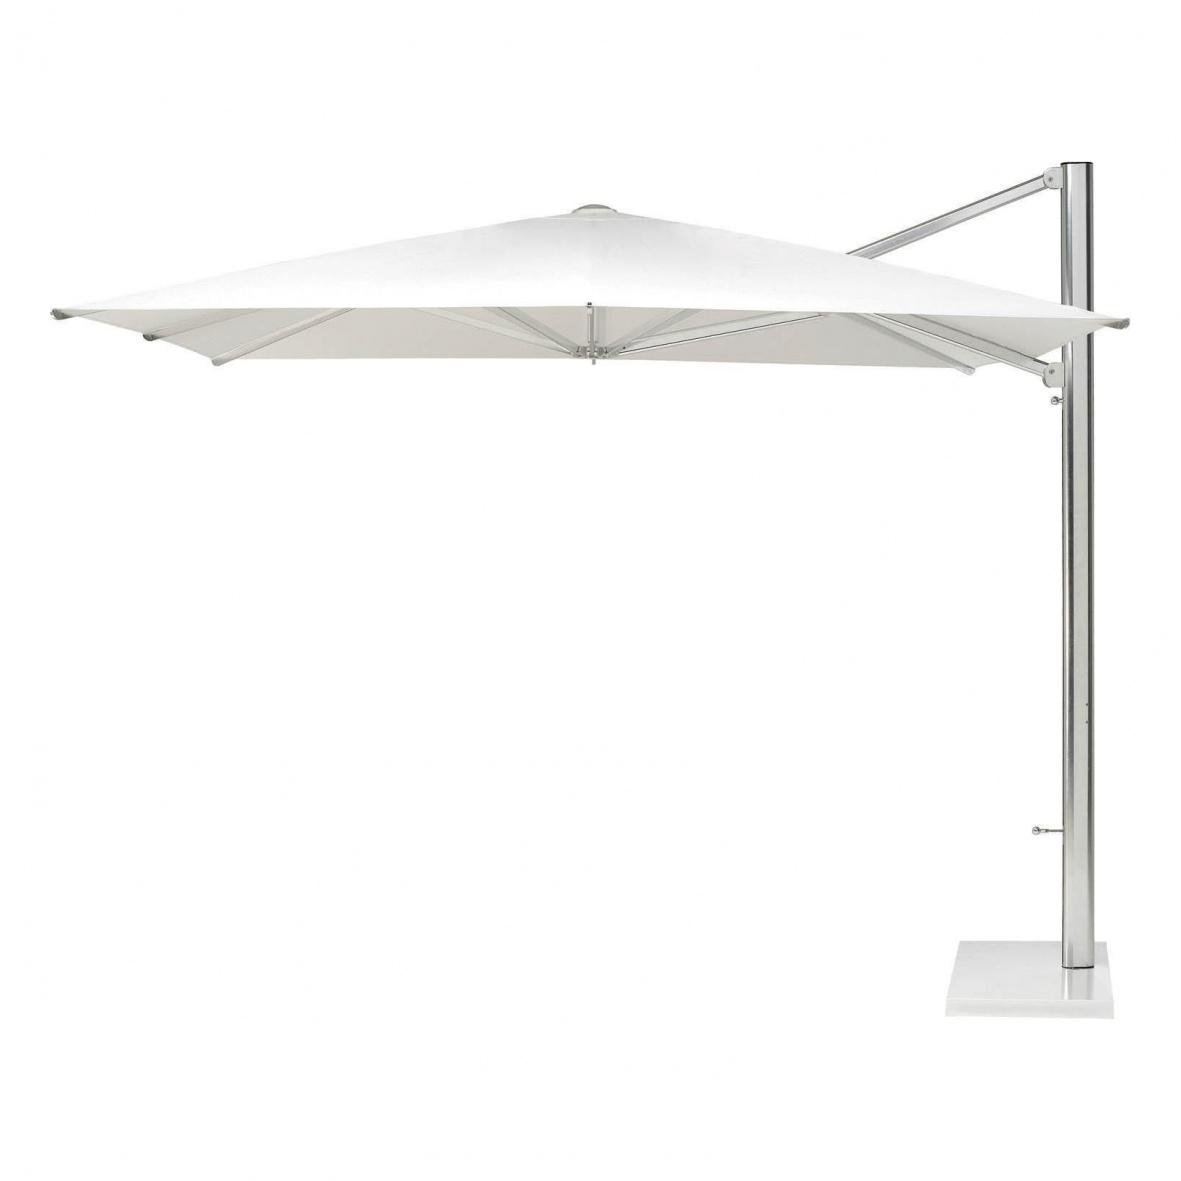 emu - Shade Sonnenschirm mit Seitenmast 300x320cm - weiß/aluminium/Stoff Polyester weiß/LxBxH 300x320x272cm/Gestell Aluminium/ohne Schirmständer | Garten > Sonnenschirme und Markisen | emu